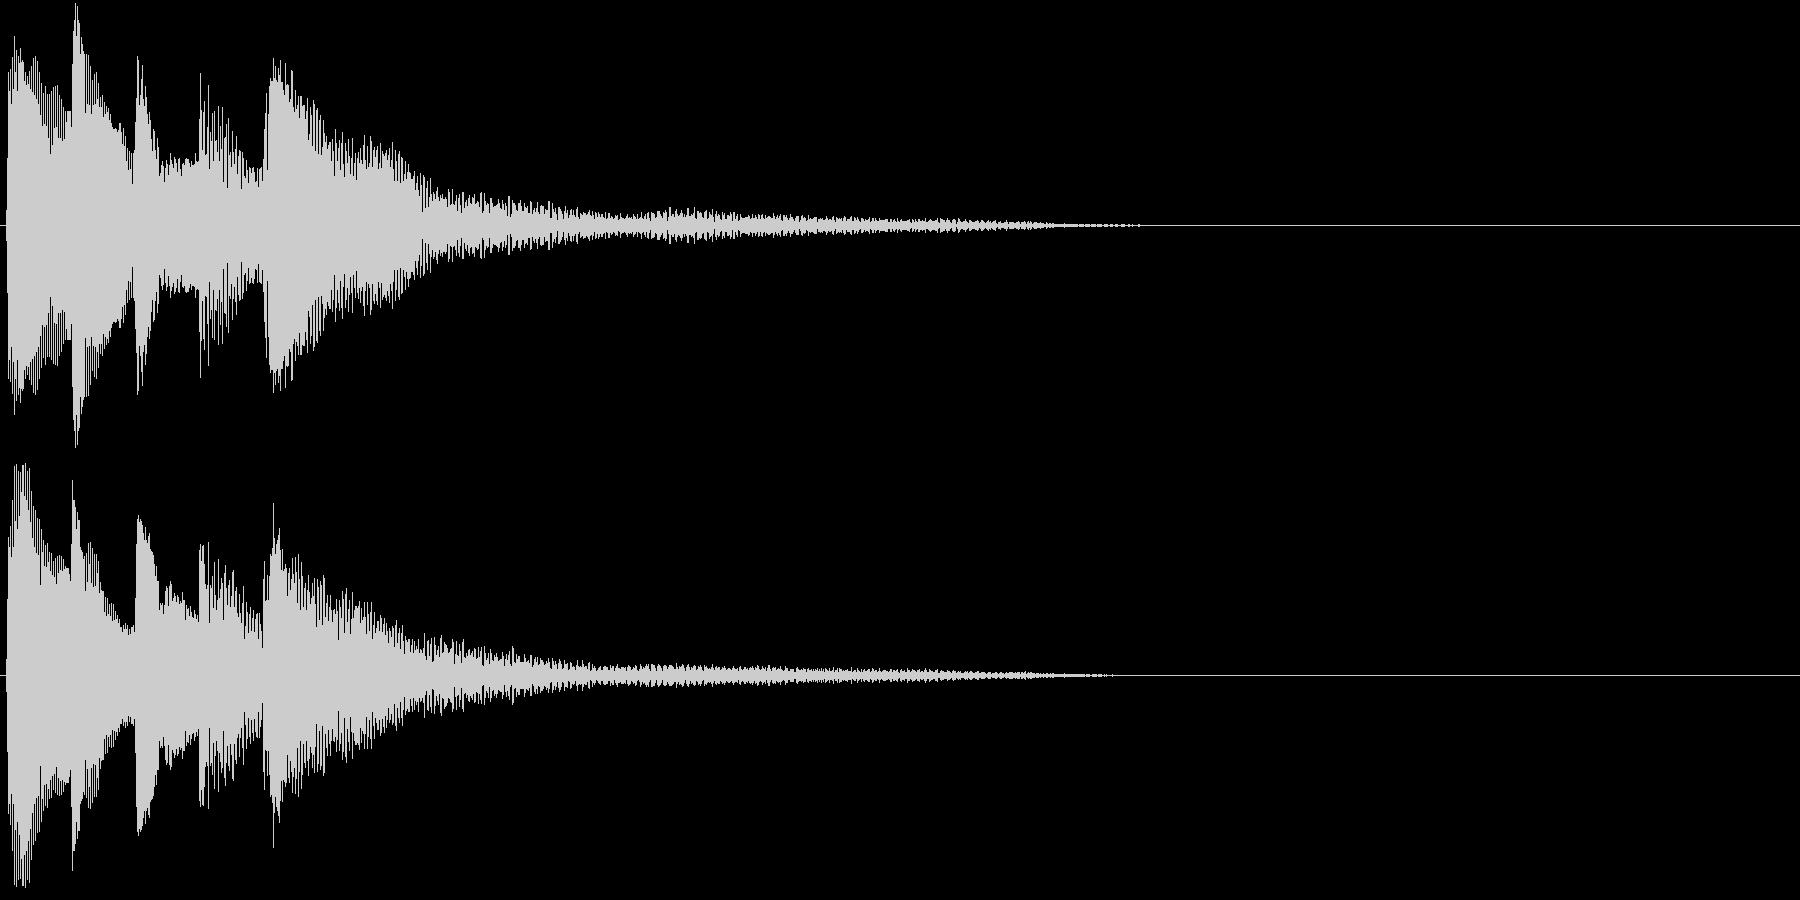 場面を一変させる不思議な響きのピアノ音の未再生の波形